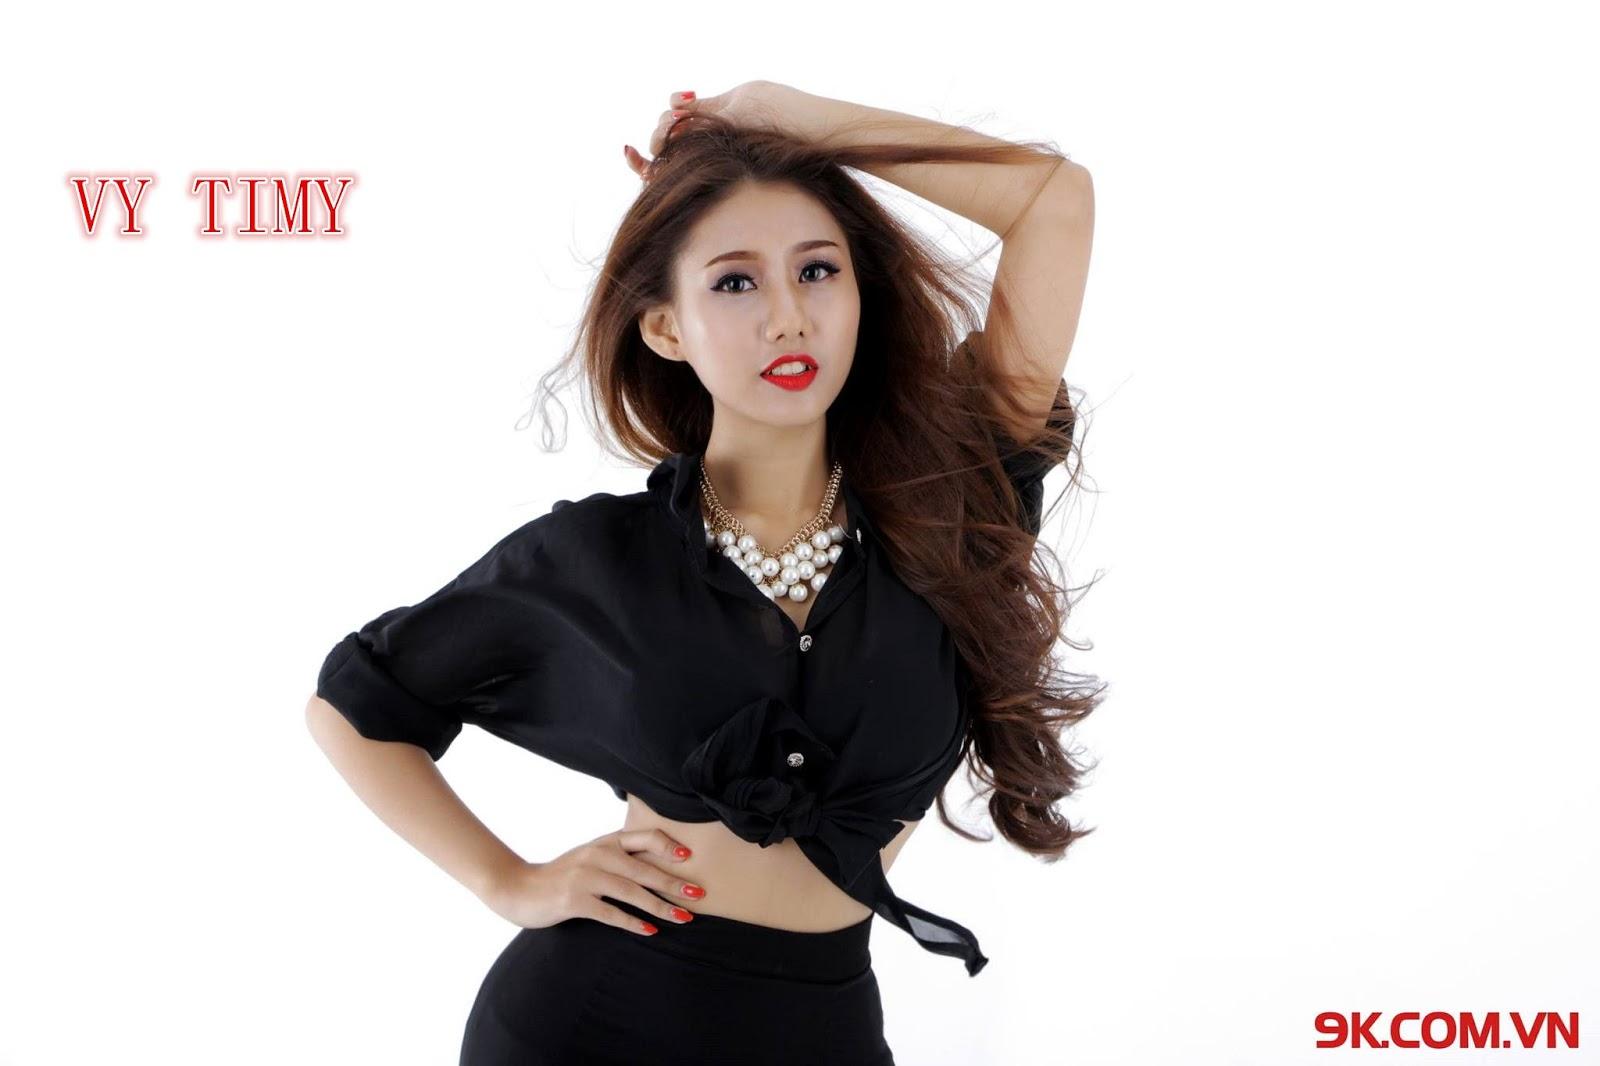 10355523 776523379066858 7468520114351663342 o alofb.net - Hình Nền - Ảnh Bìa HOT GIRL Mai Xuân Thuý Vy (Vy Timy)